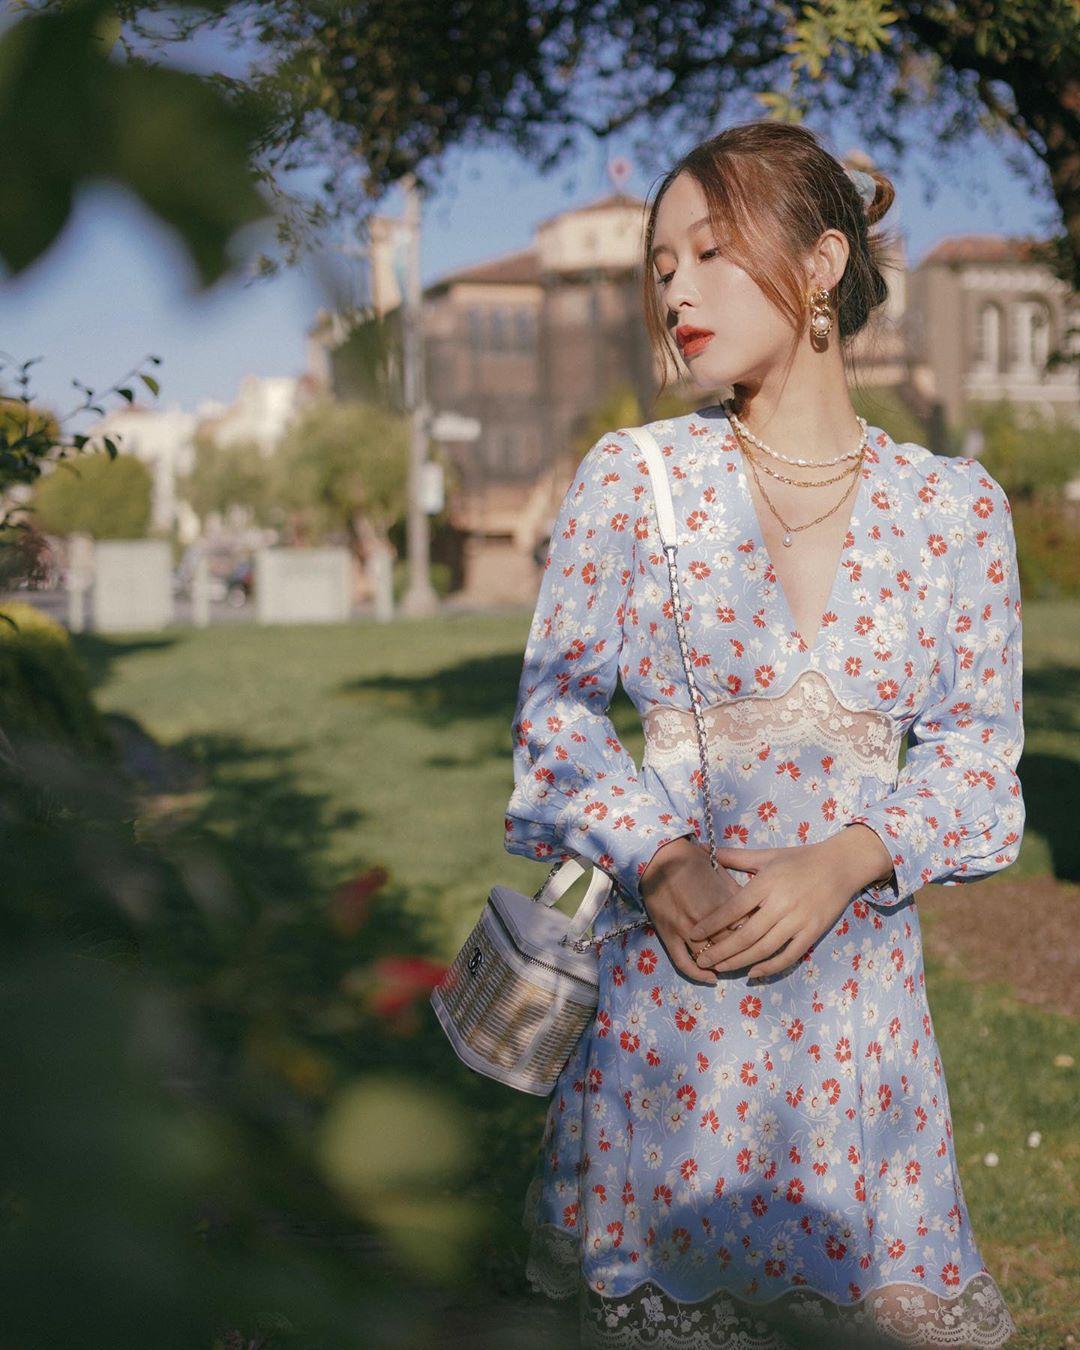 Sáng suốt nhất là tậu hết 5 mẫu váy hot trường tồn với thời gian sau đây, mặc chỉ xịn đẹp trở lên chứ không kém - Ảnh 19.